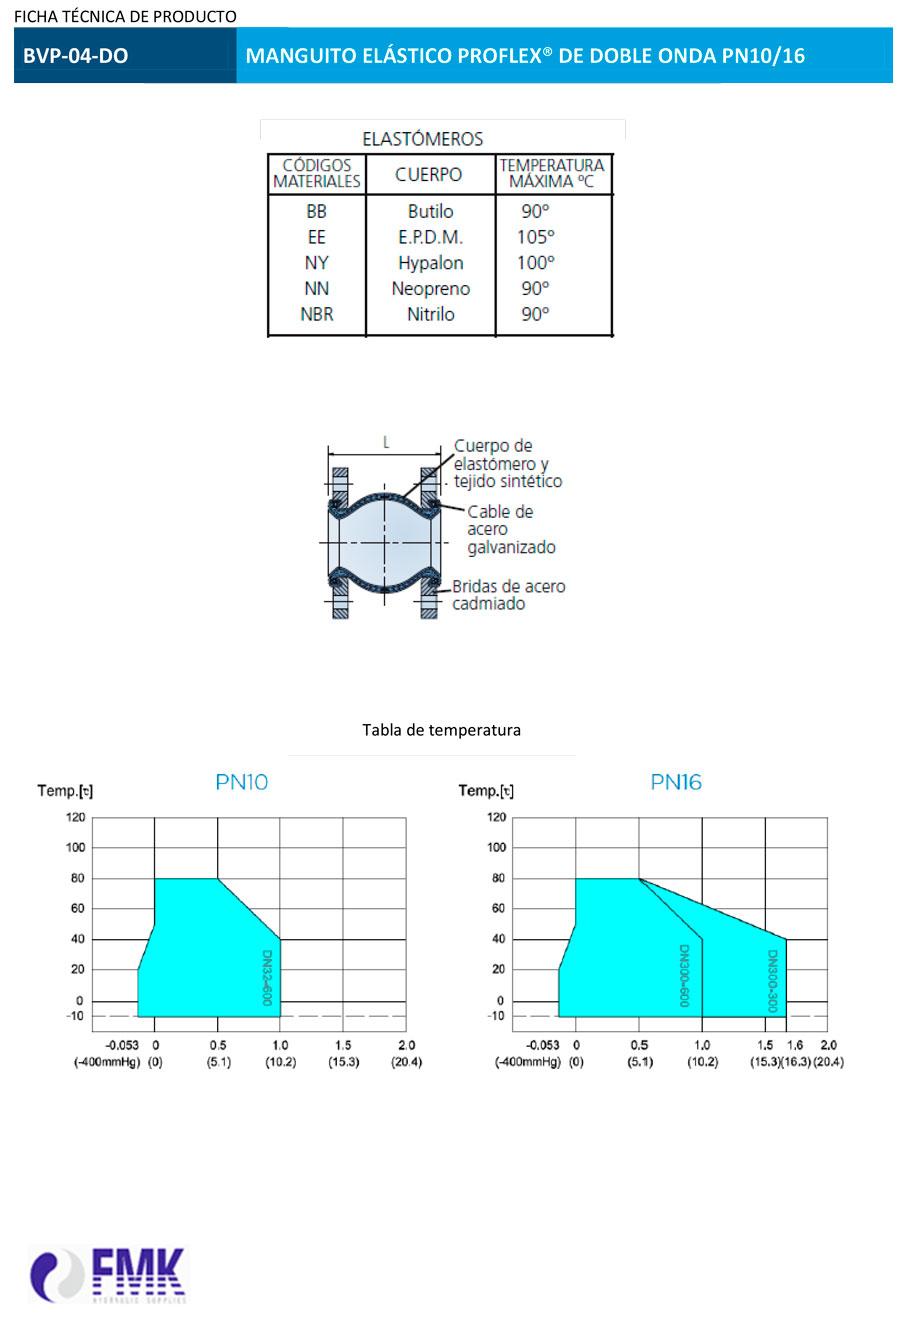 fmk-hydraulic-Manguito-elástico-PROFLEX-de-doble-onda-BVP-04-DO-ficha-tecnica-3